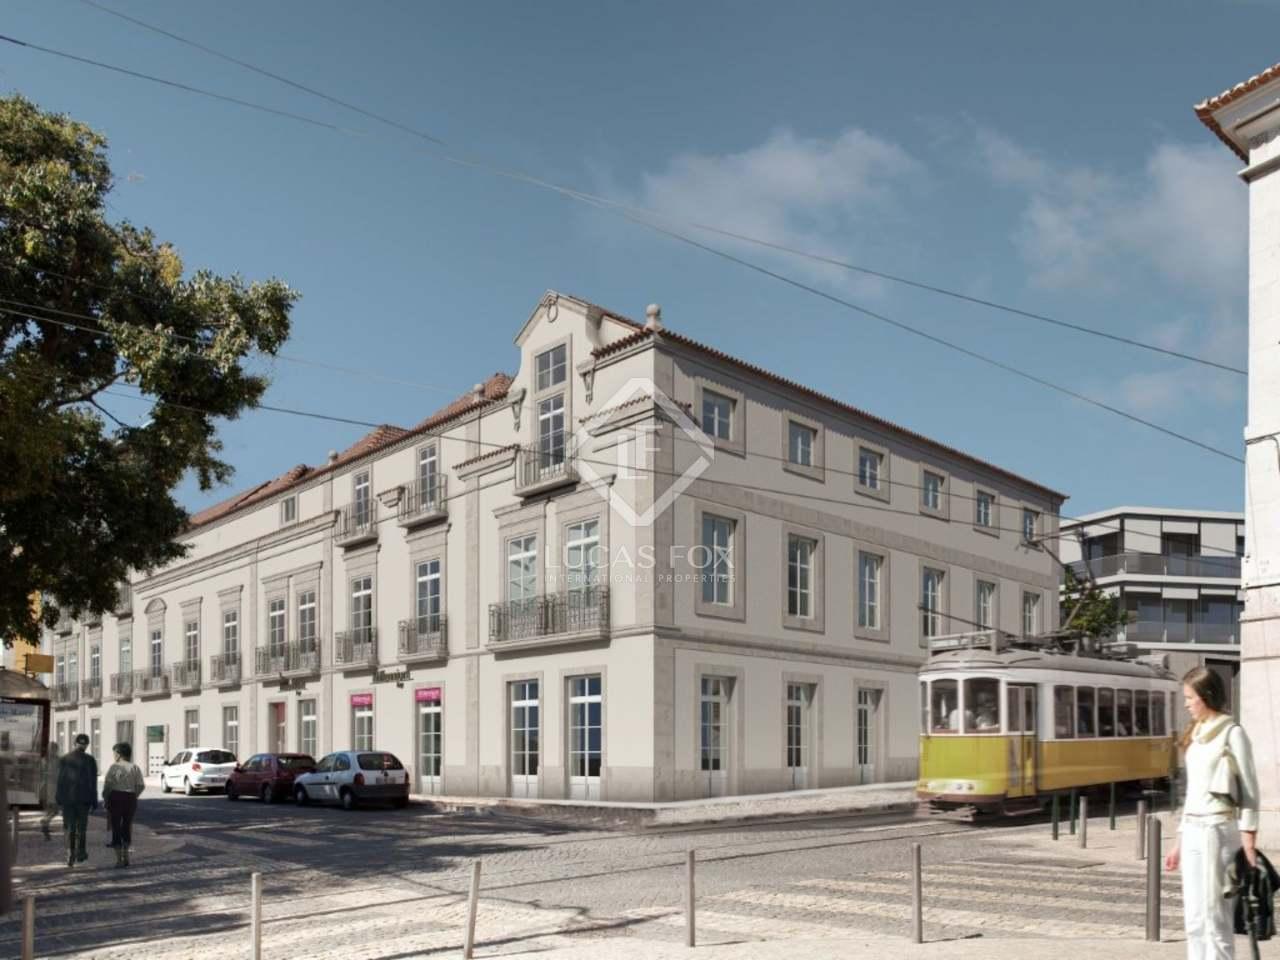 321m wohnung zum verkauf in lissabon stadt portugal. Black Bedroom Furniture Sets. Home Design Ideas